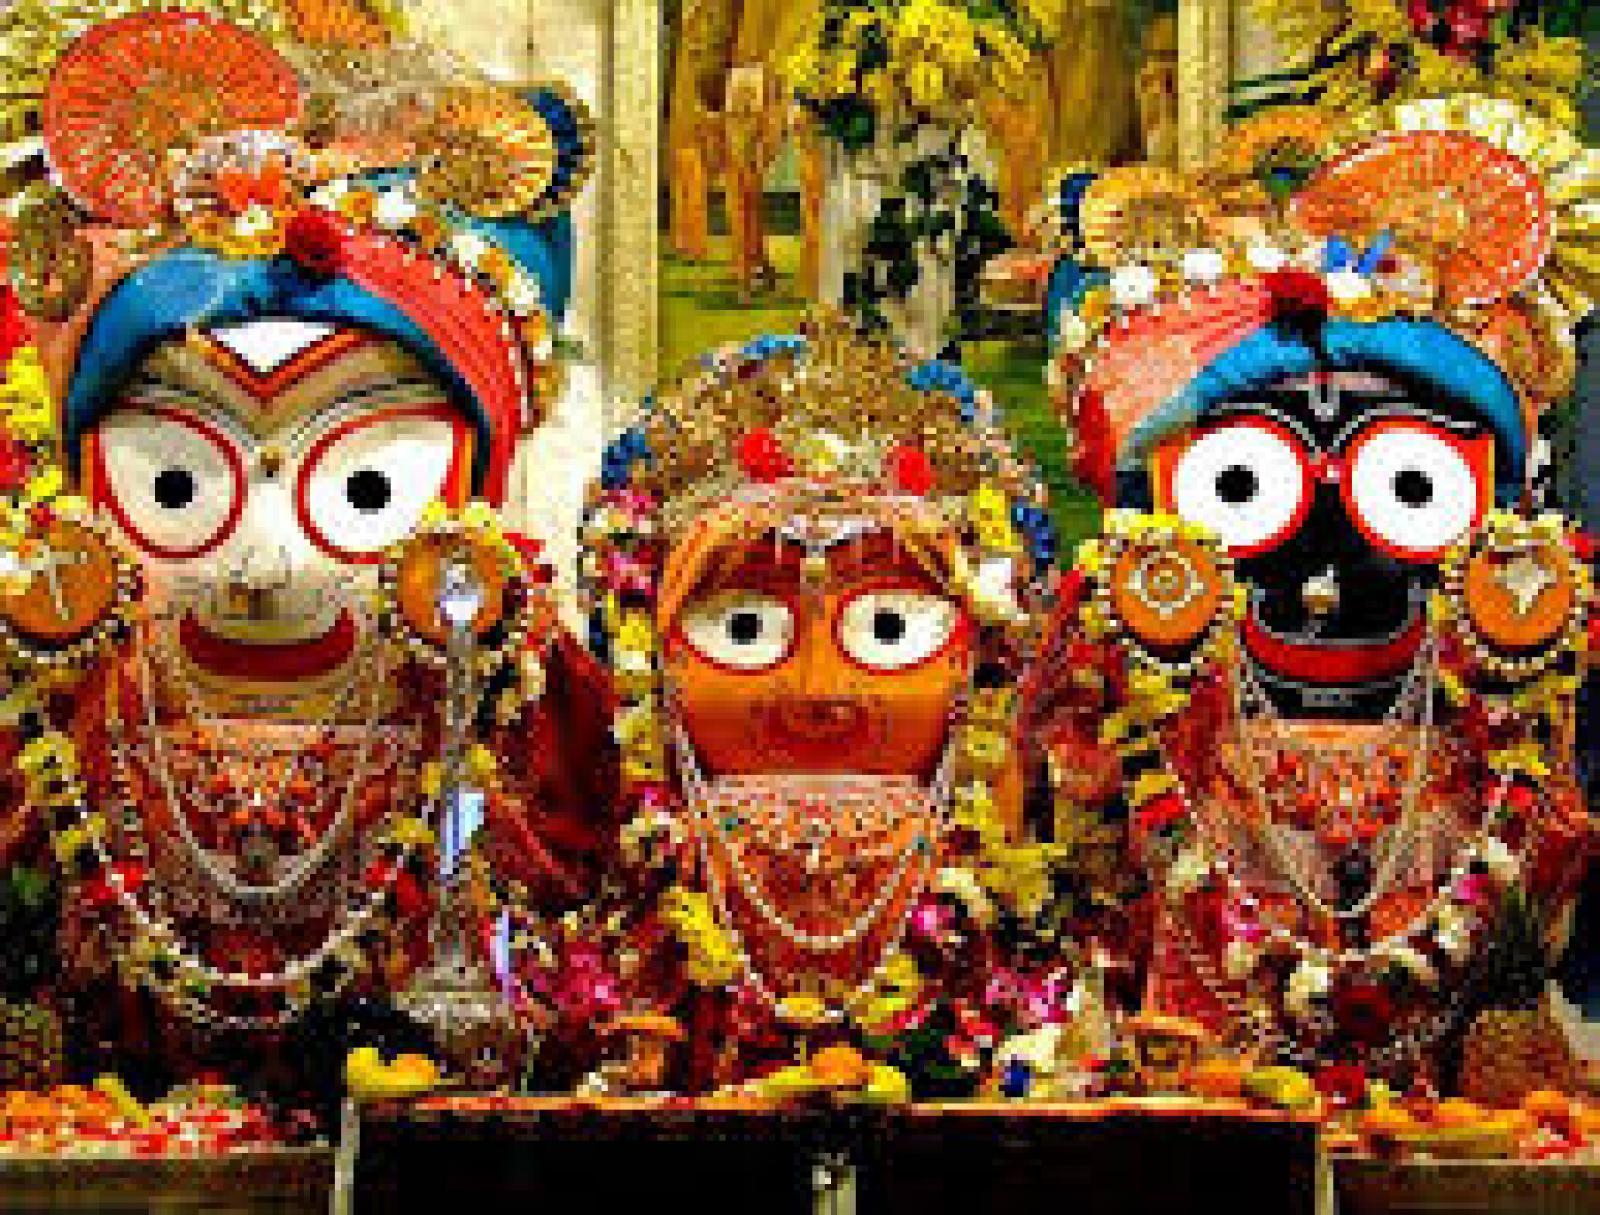 Birendra Rout